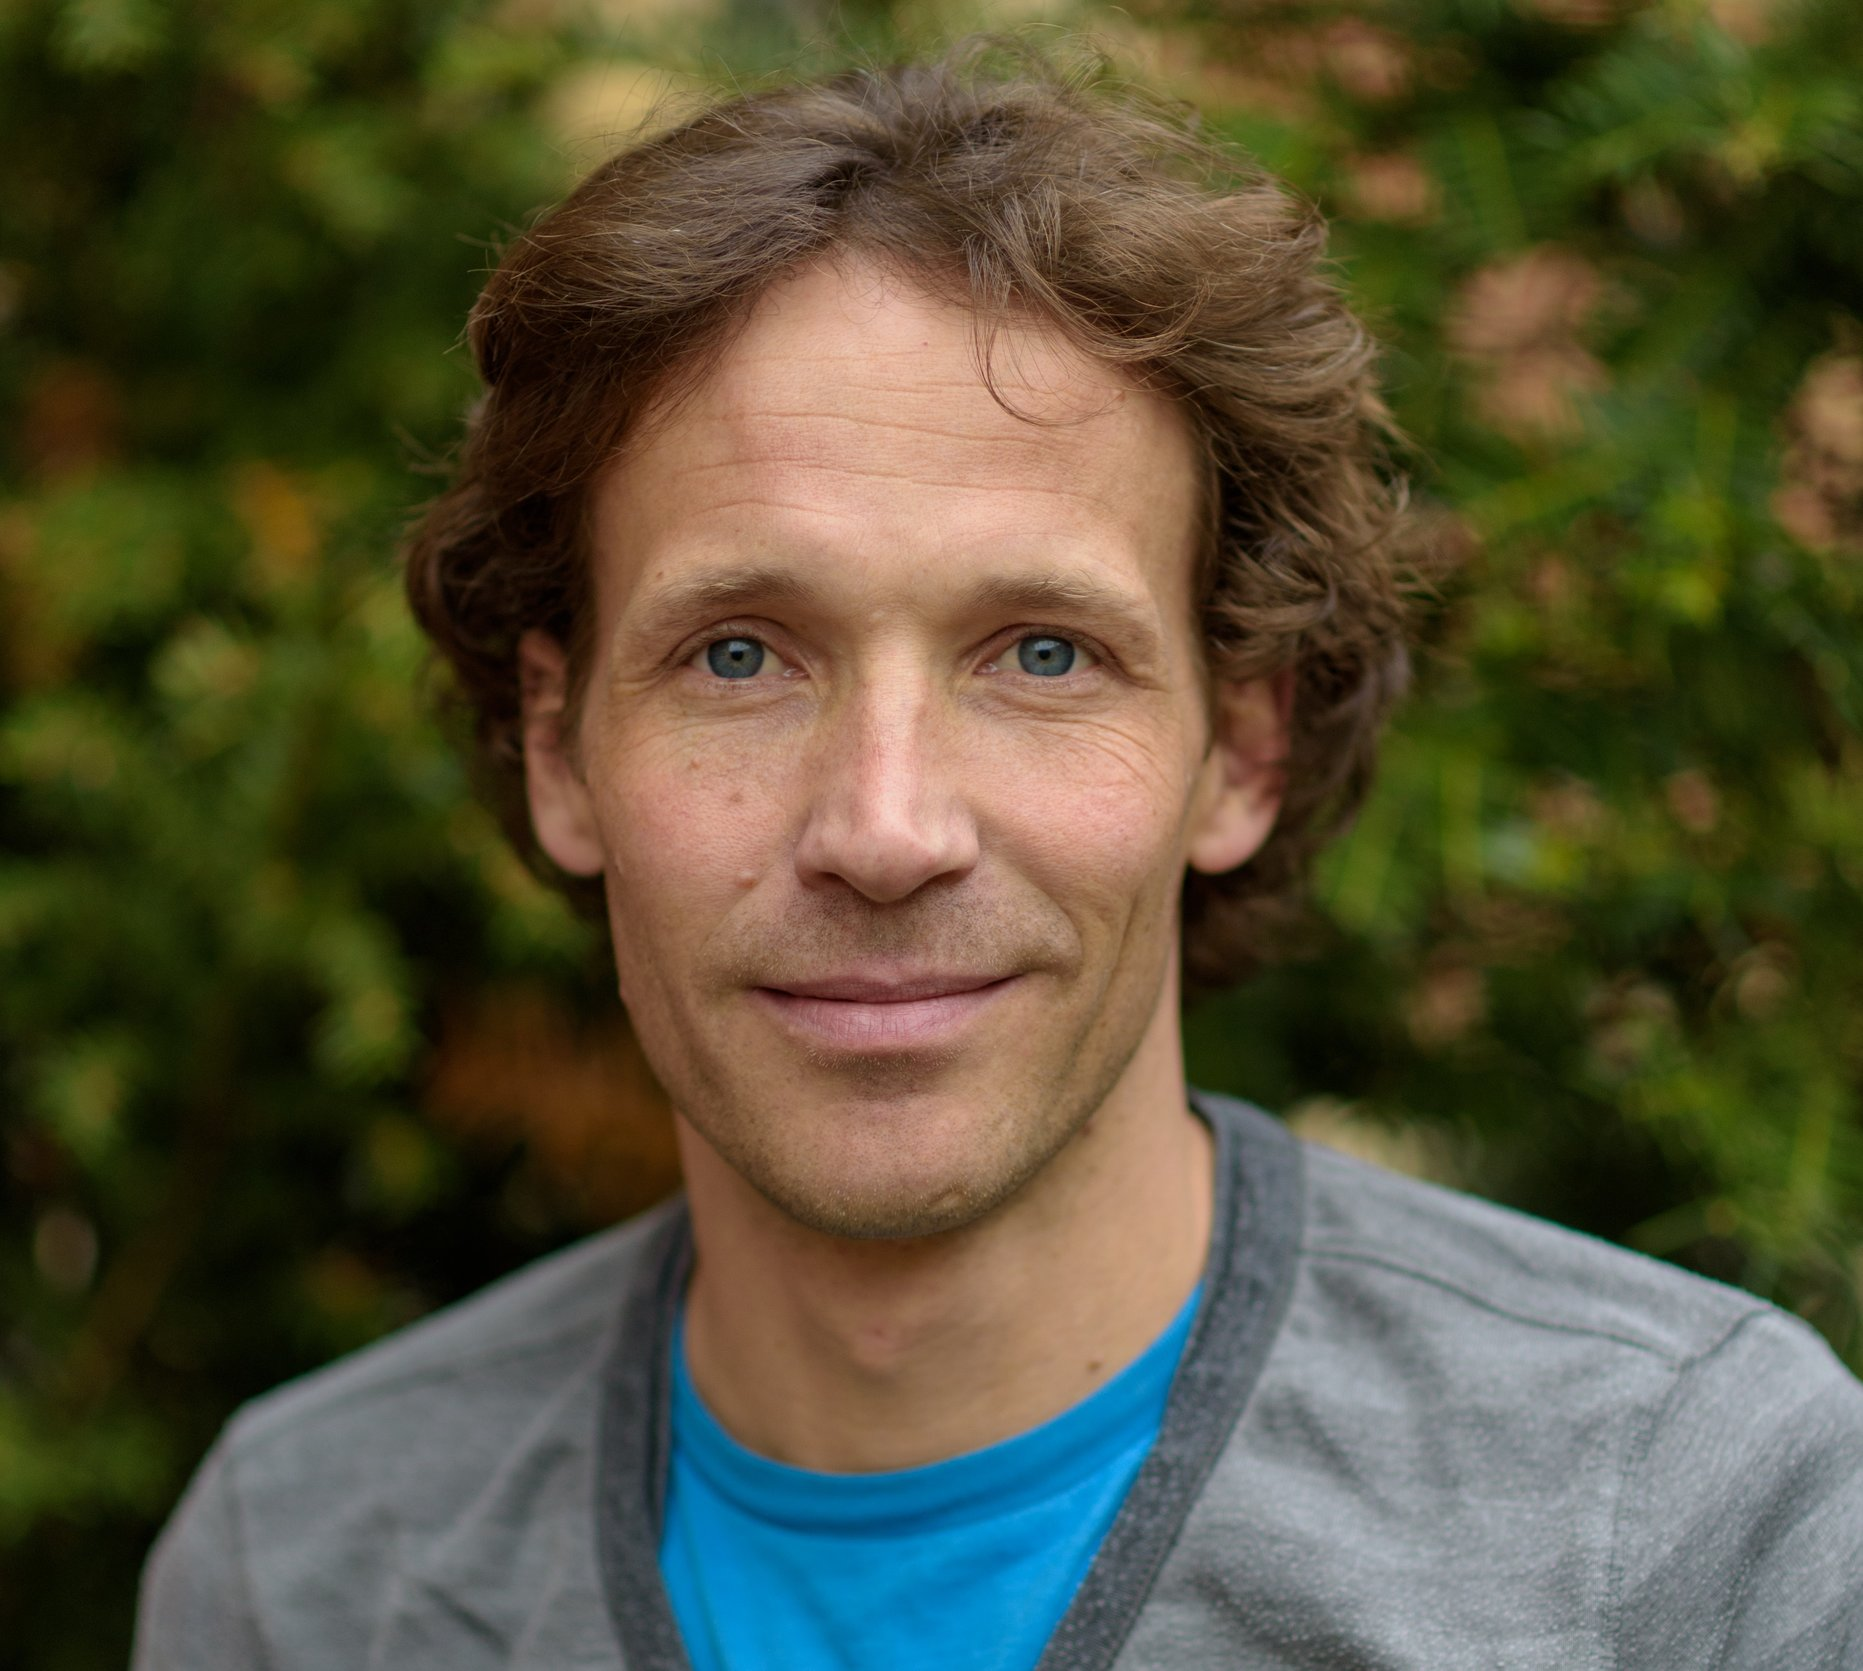 Dr Charles Helsper